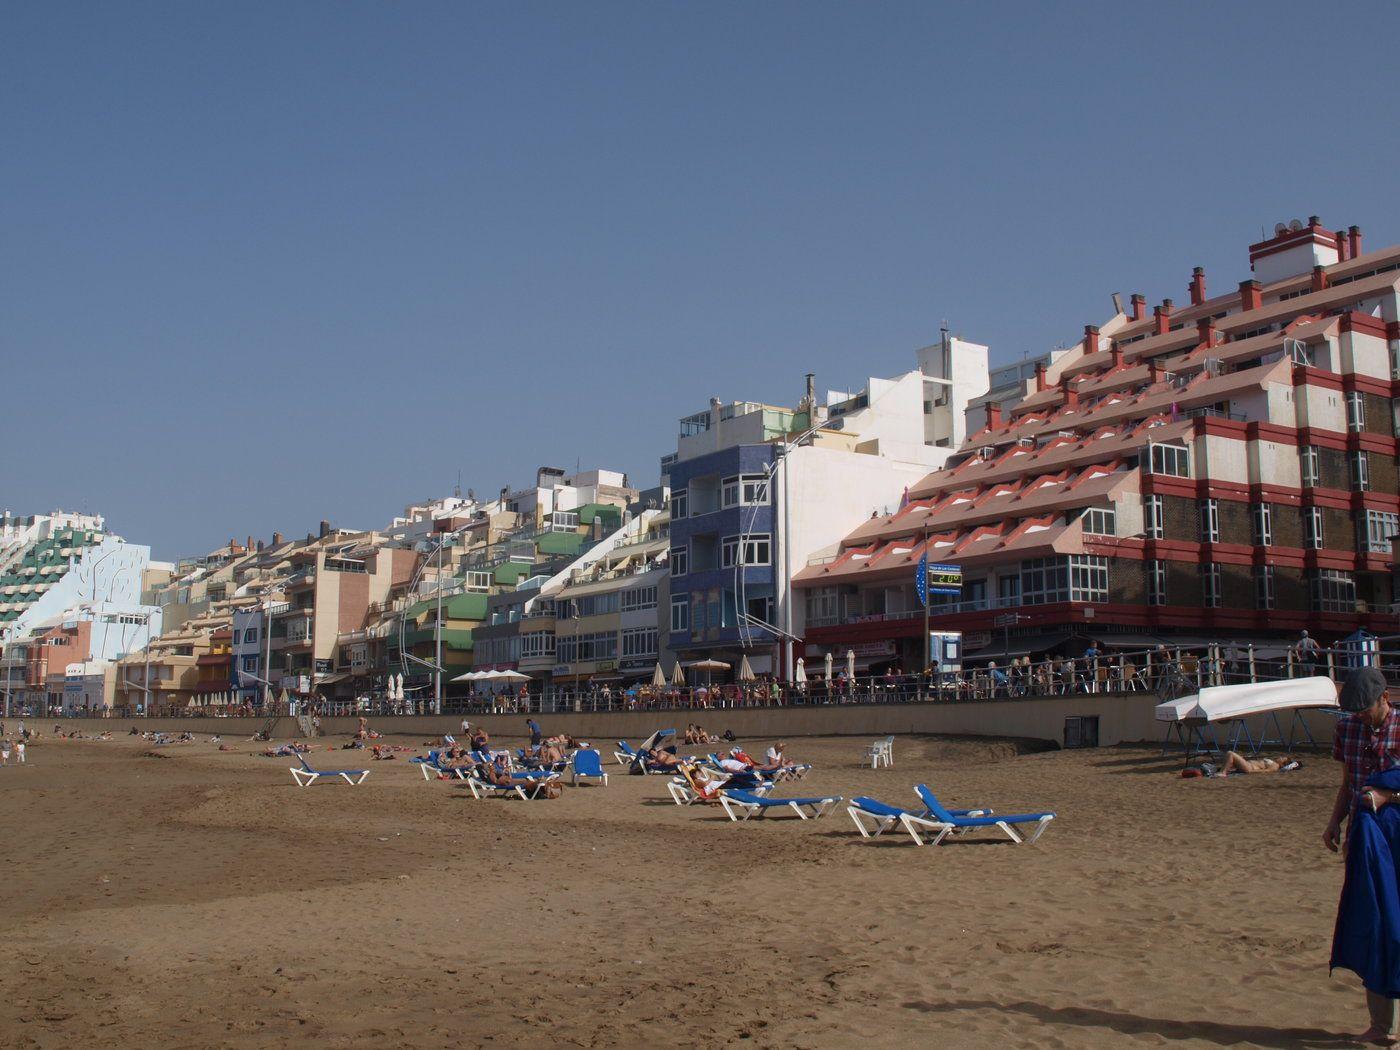 Gran Canaria: Las Palmas - herlig hele året! | Reiseliv